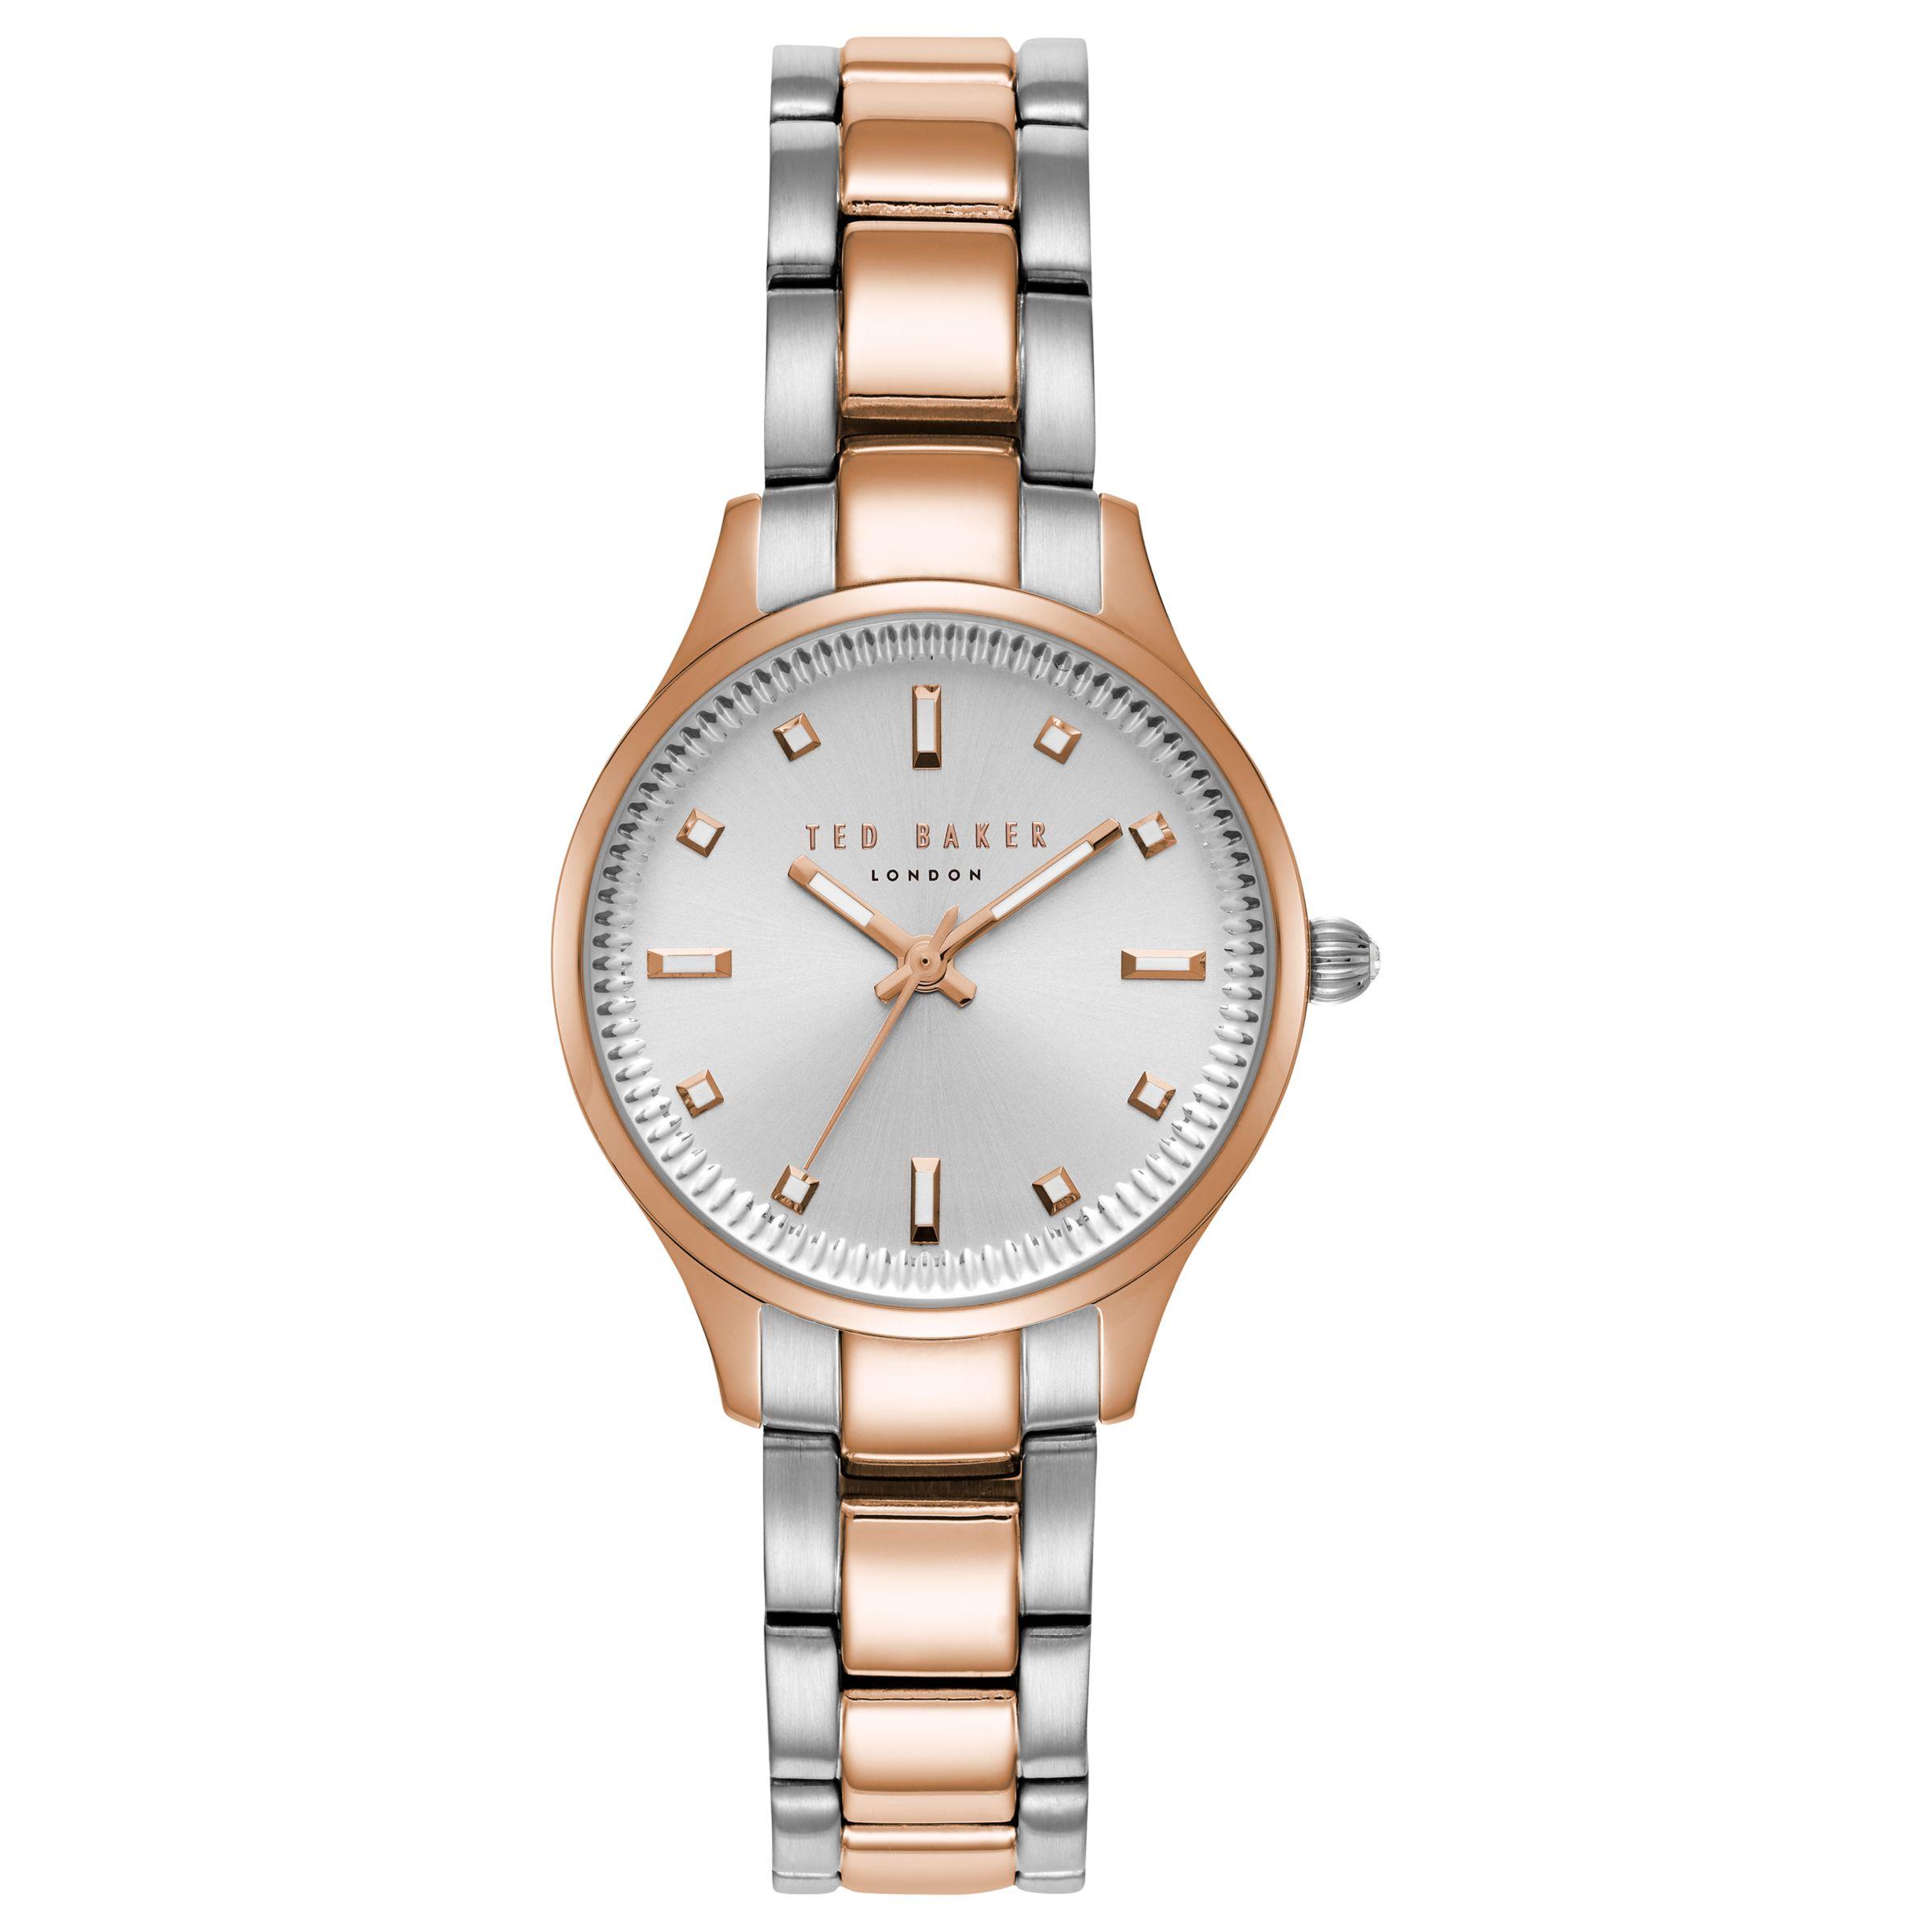 82e708ef1 Ted Baker TE50006002 Women s Zoe Bracelet Strap Watch